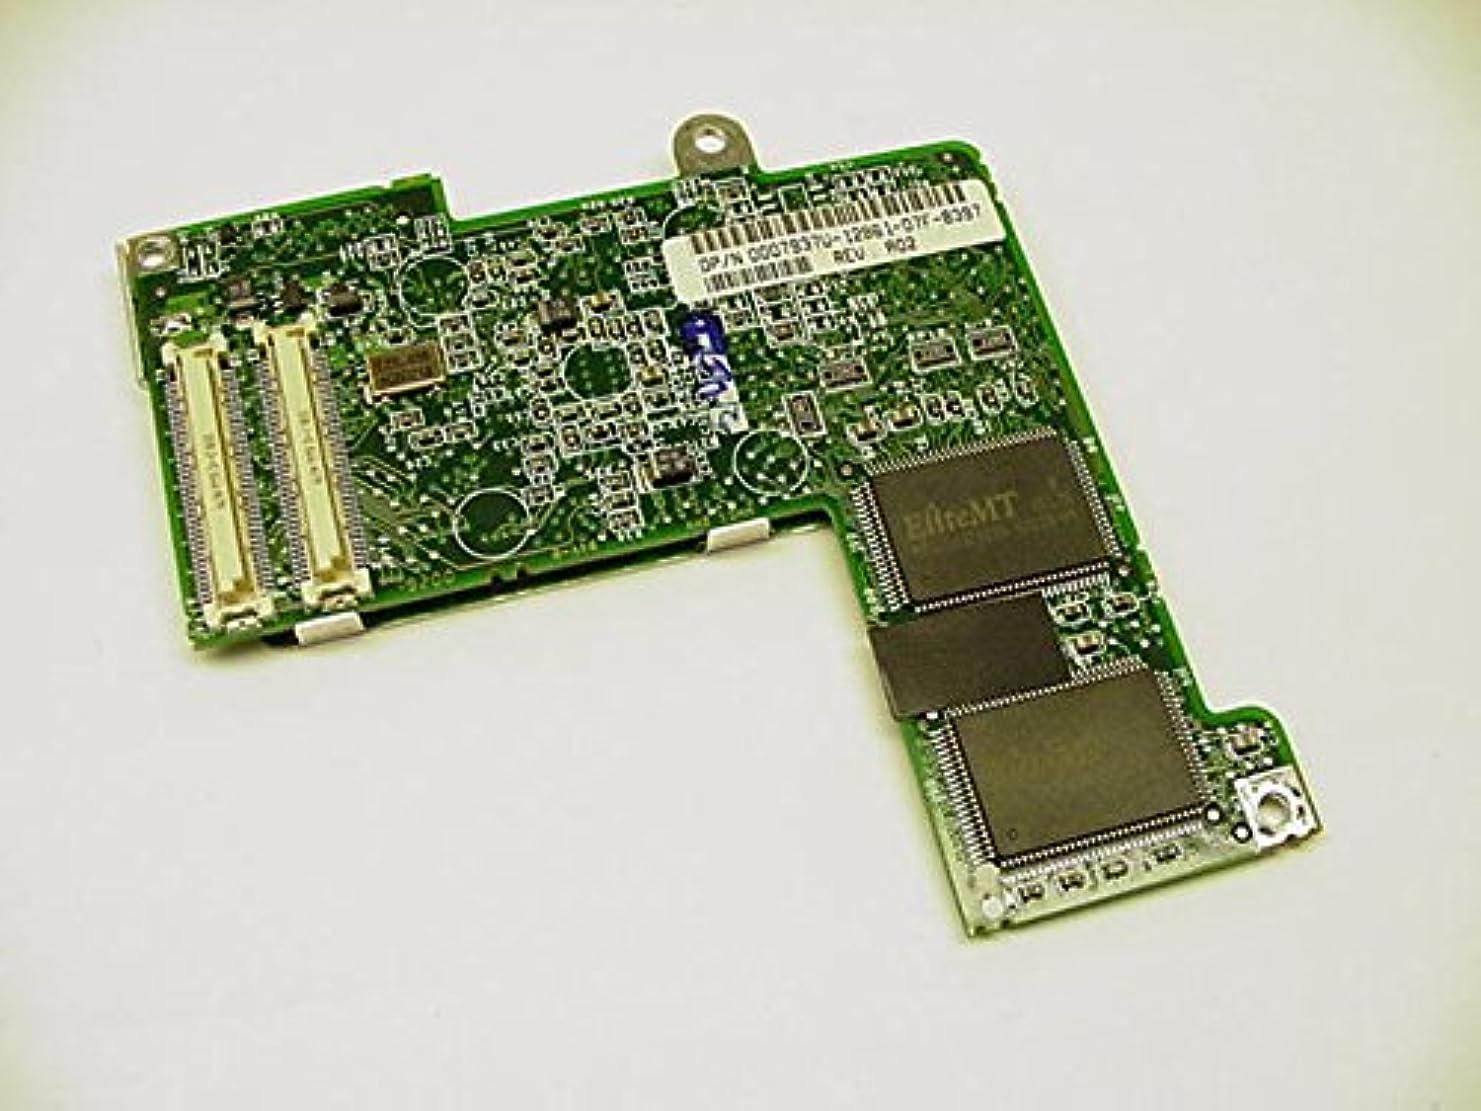 コモランマ挨拶する放出7937u Dell Inspiron 5000 ATI 8 MBビデオカード